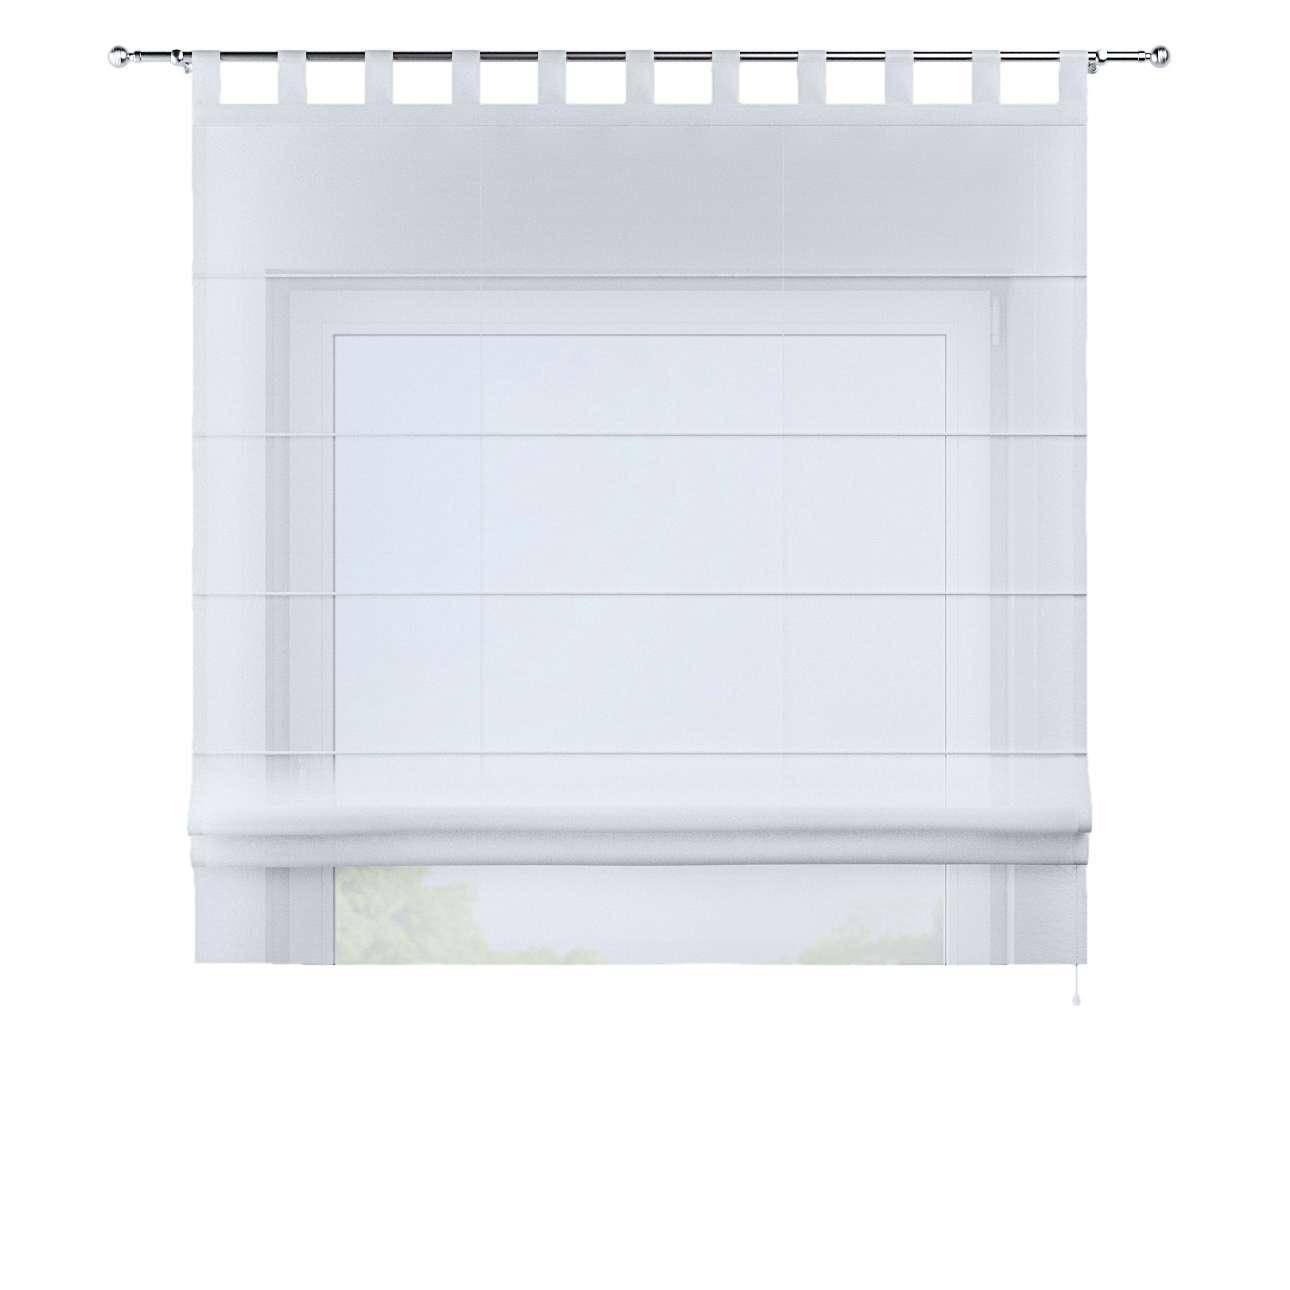 Záclonová roleta  Bolonia  100 x 180 cm V kolekcii Záclona hladká, tkanina: 900-00